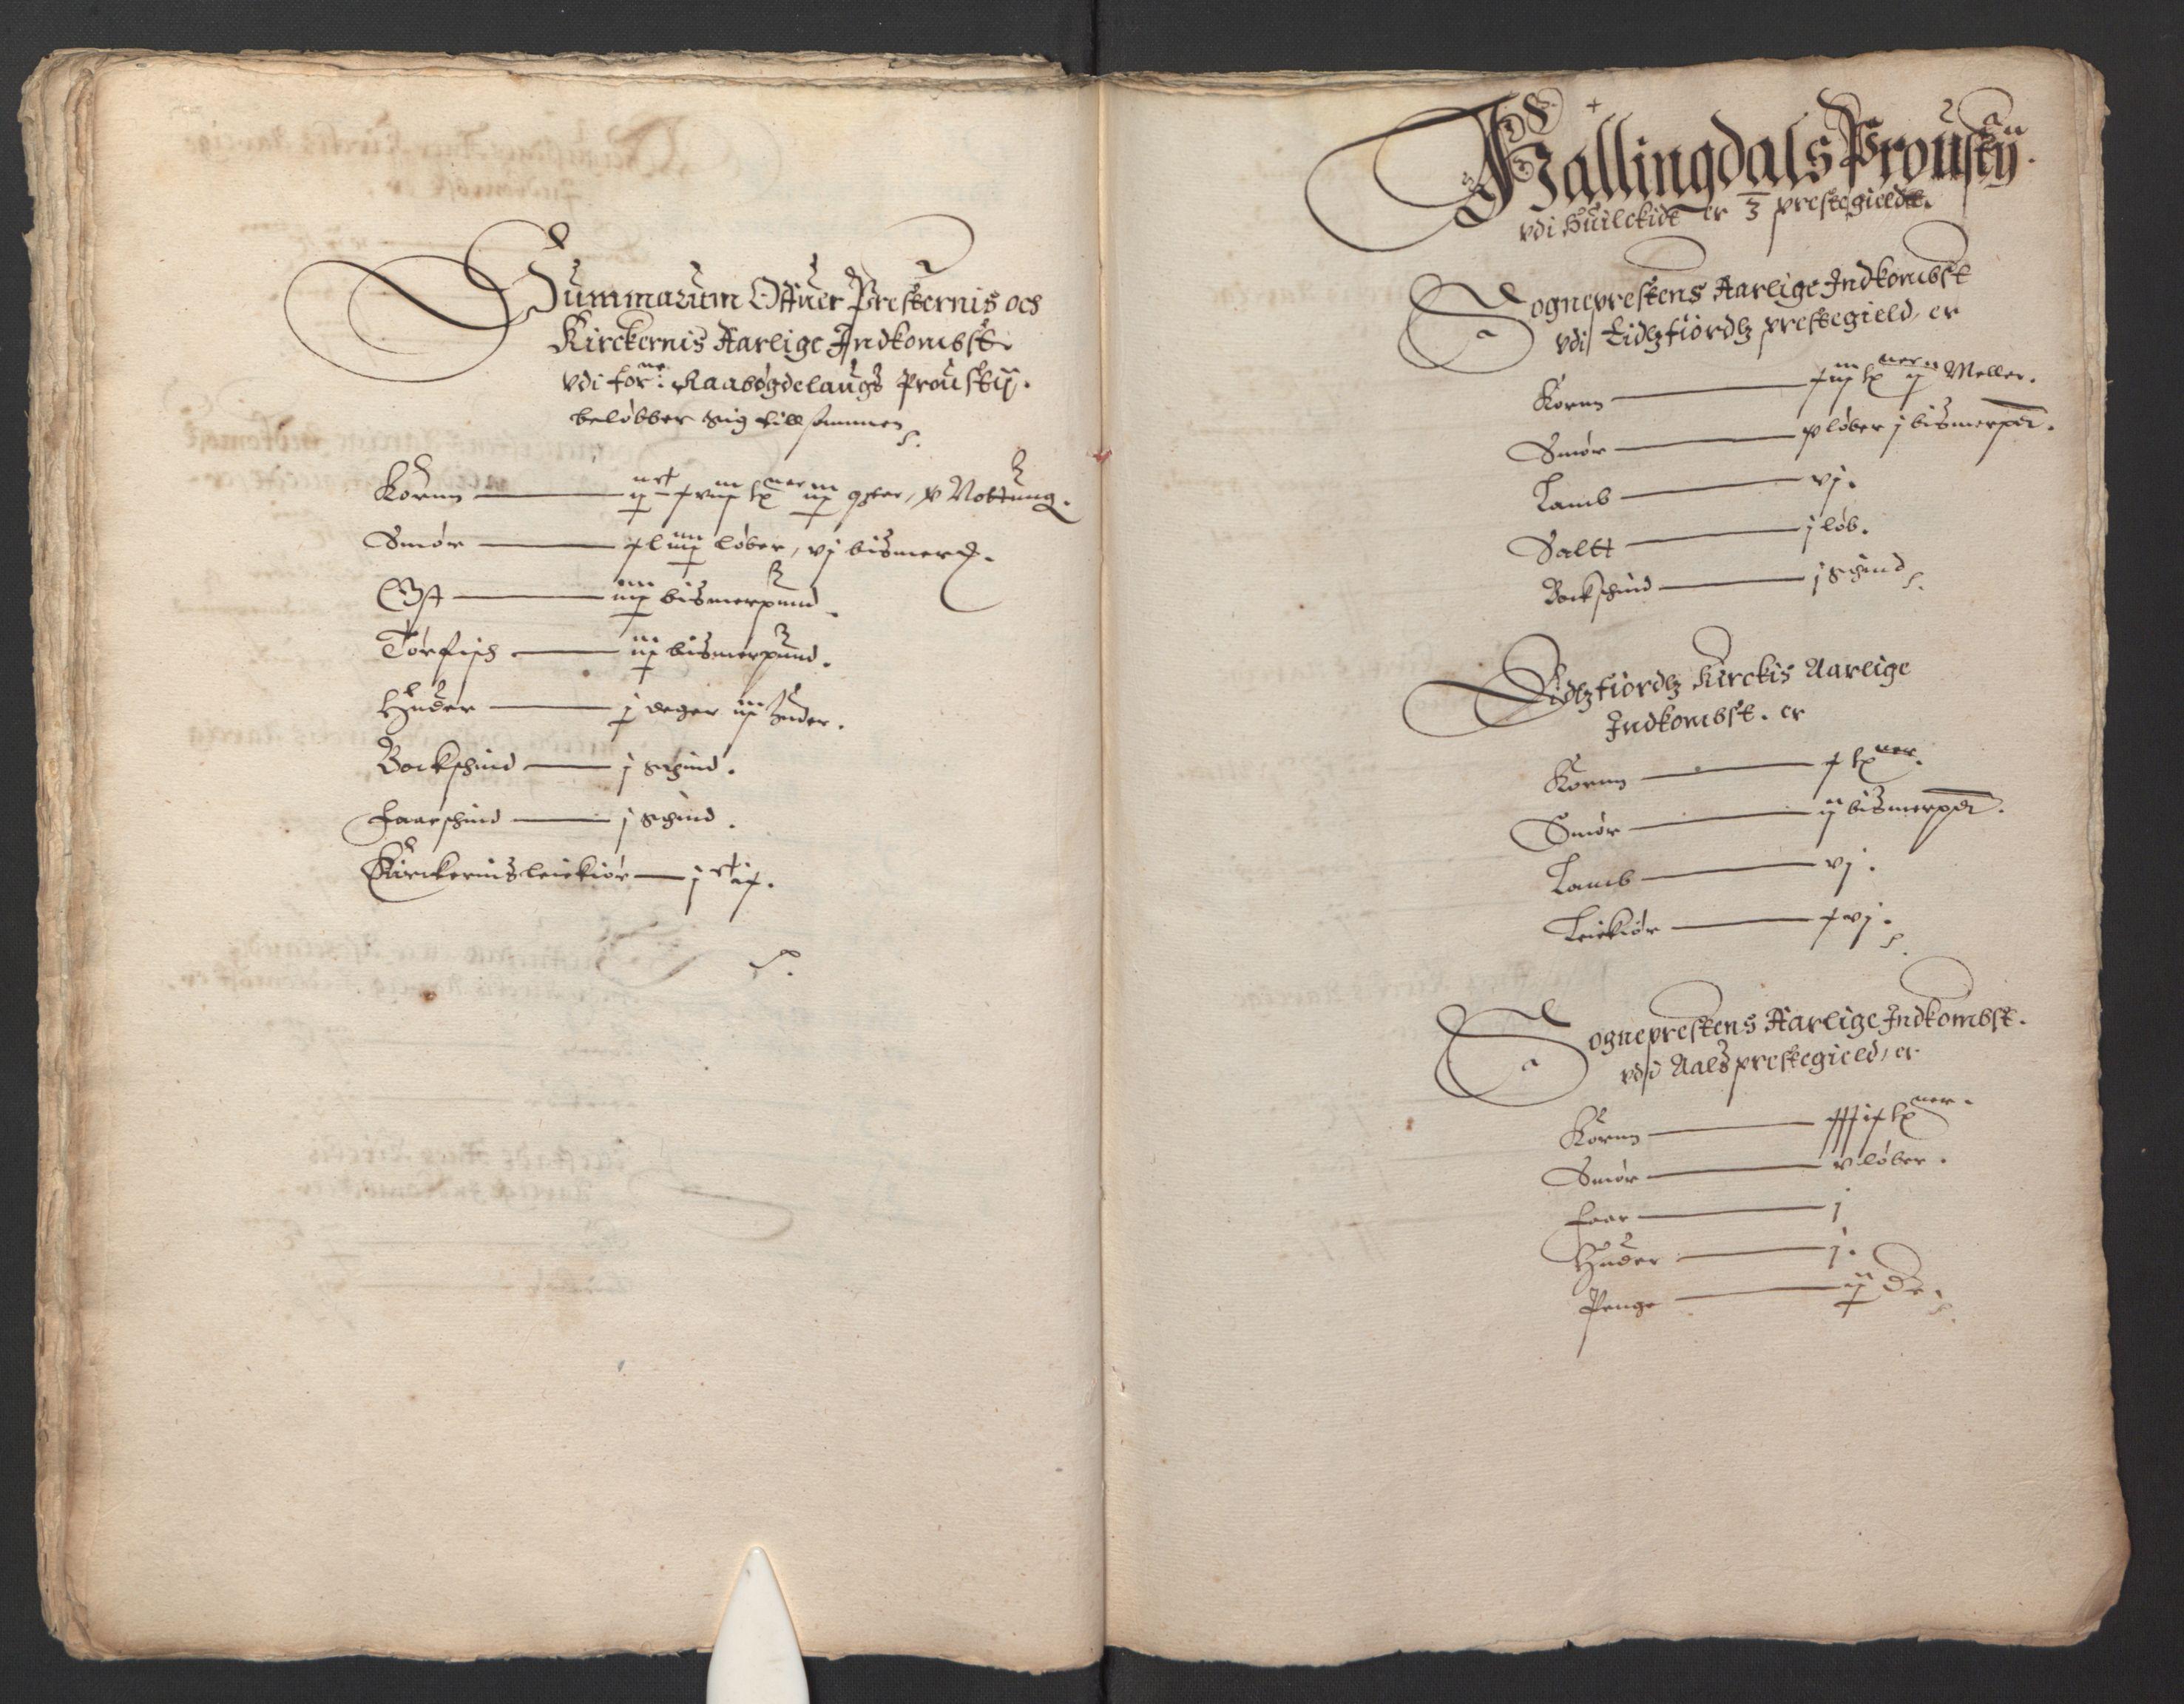 RA, Stattholderembetet 1572-1771, Ek/L0014: Jordebøker til utlikning av rosstjeneste 1624-1626:, 1625, s. 33